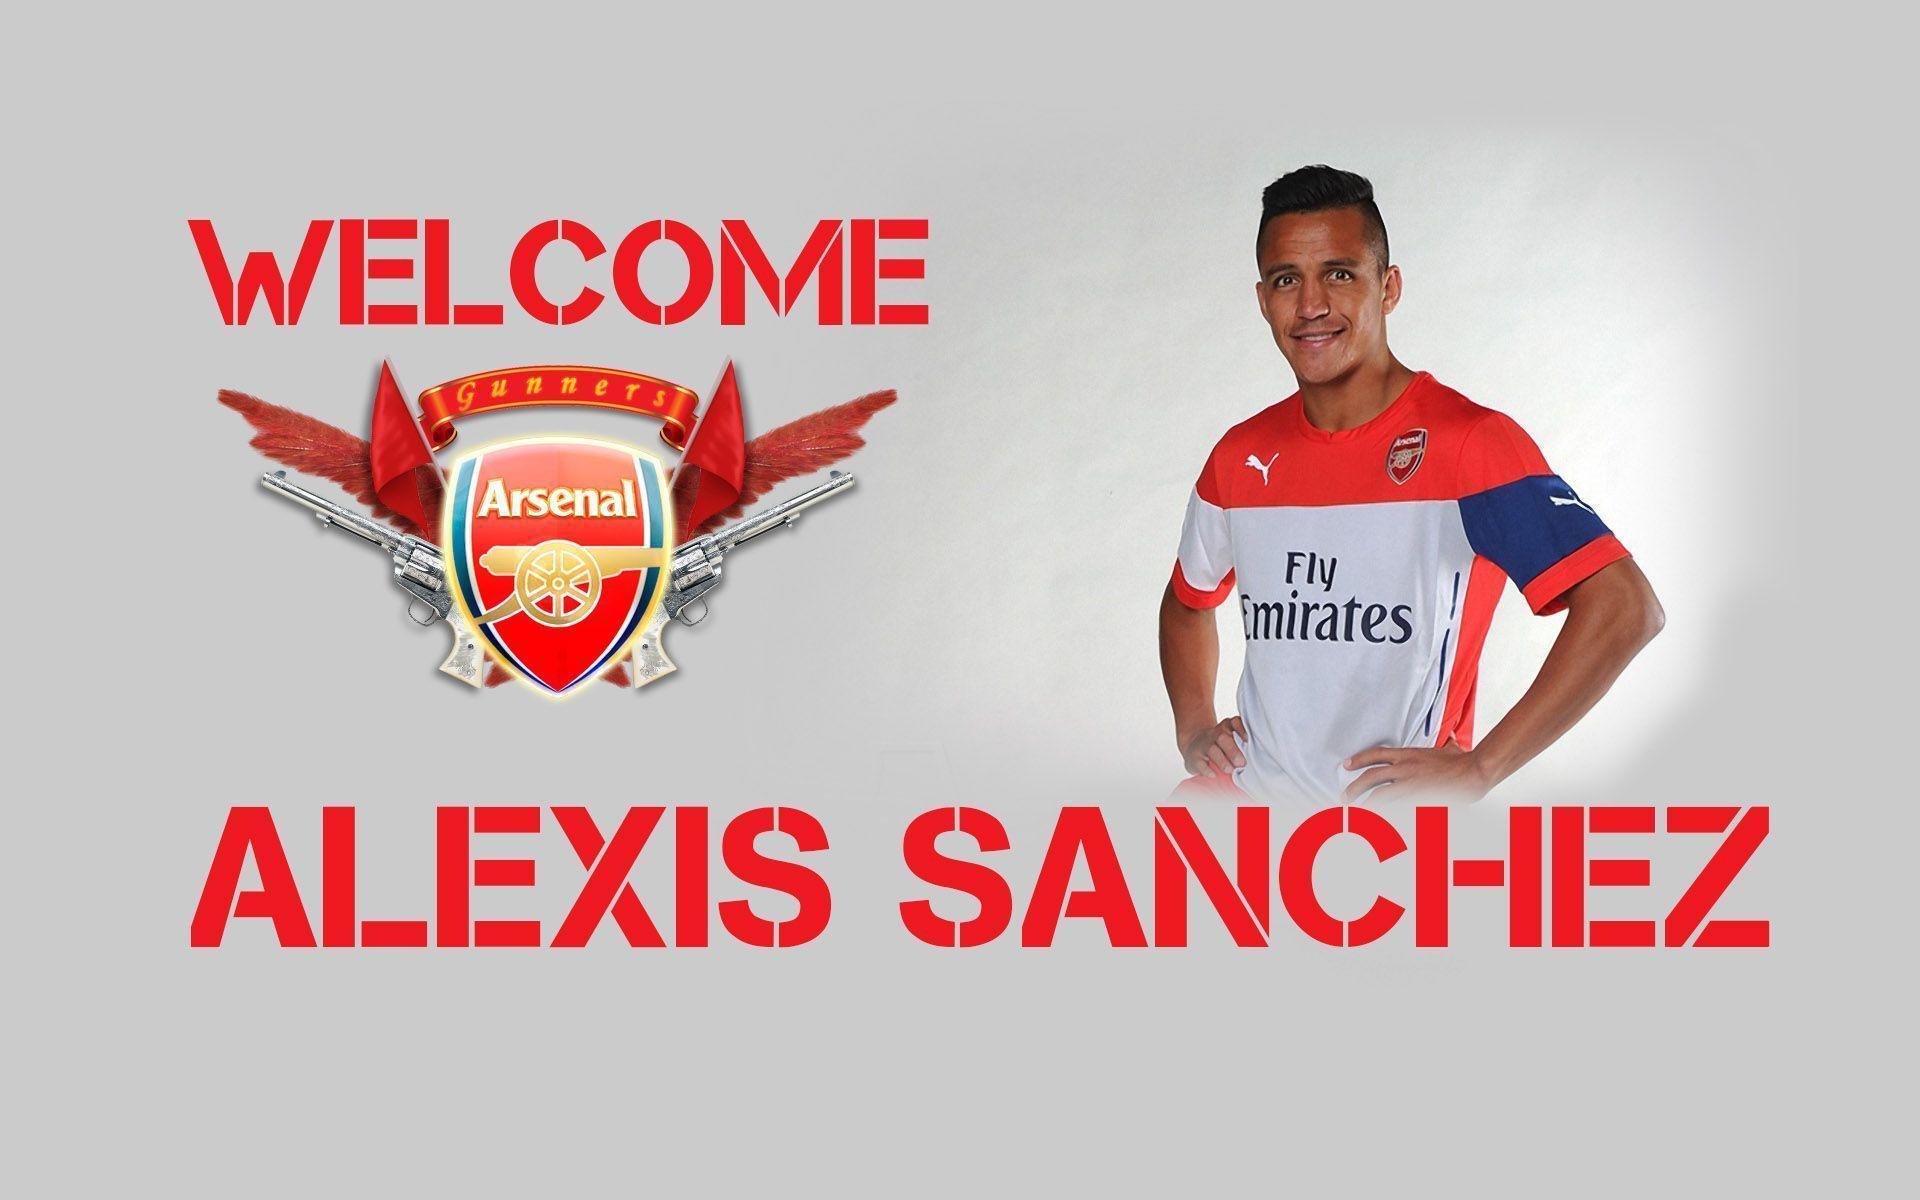 Descargar Dibujos De Alexis Sanches: Arsenal Fc Wallpapers 2015